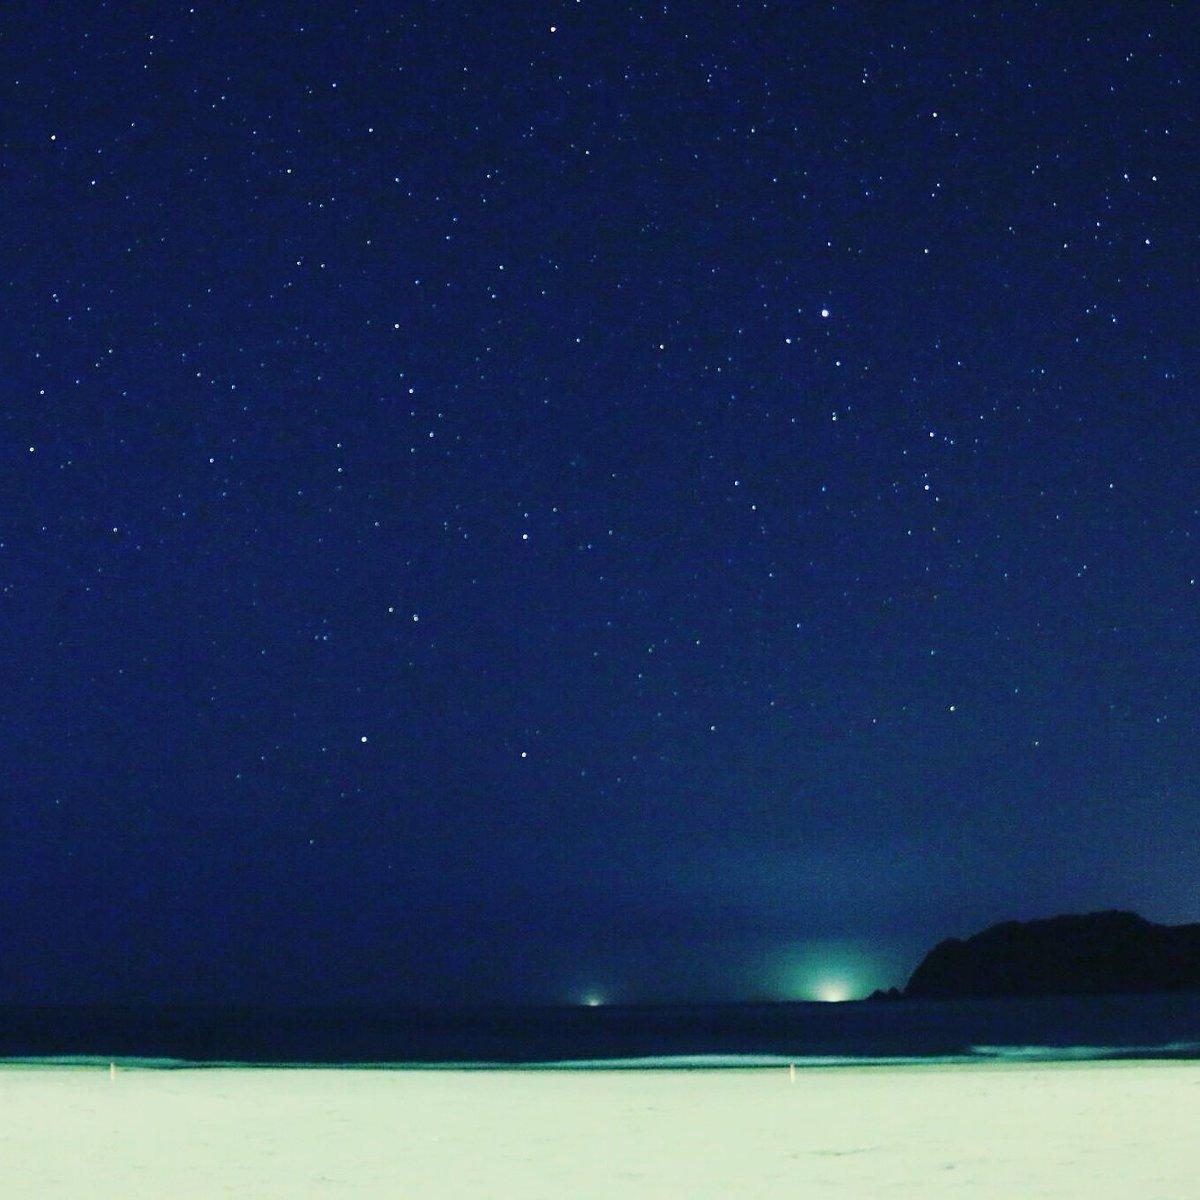 吸い込まれるような星空。Free! でも夜空にきれいな星が描かれていて、きっとロケハンの人たちもこの夜空に感動したのだろ